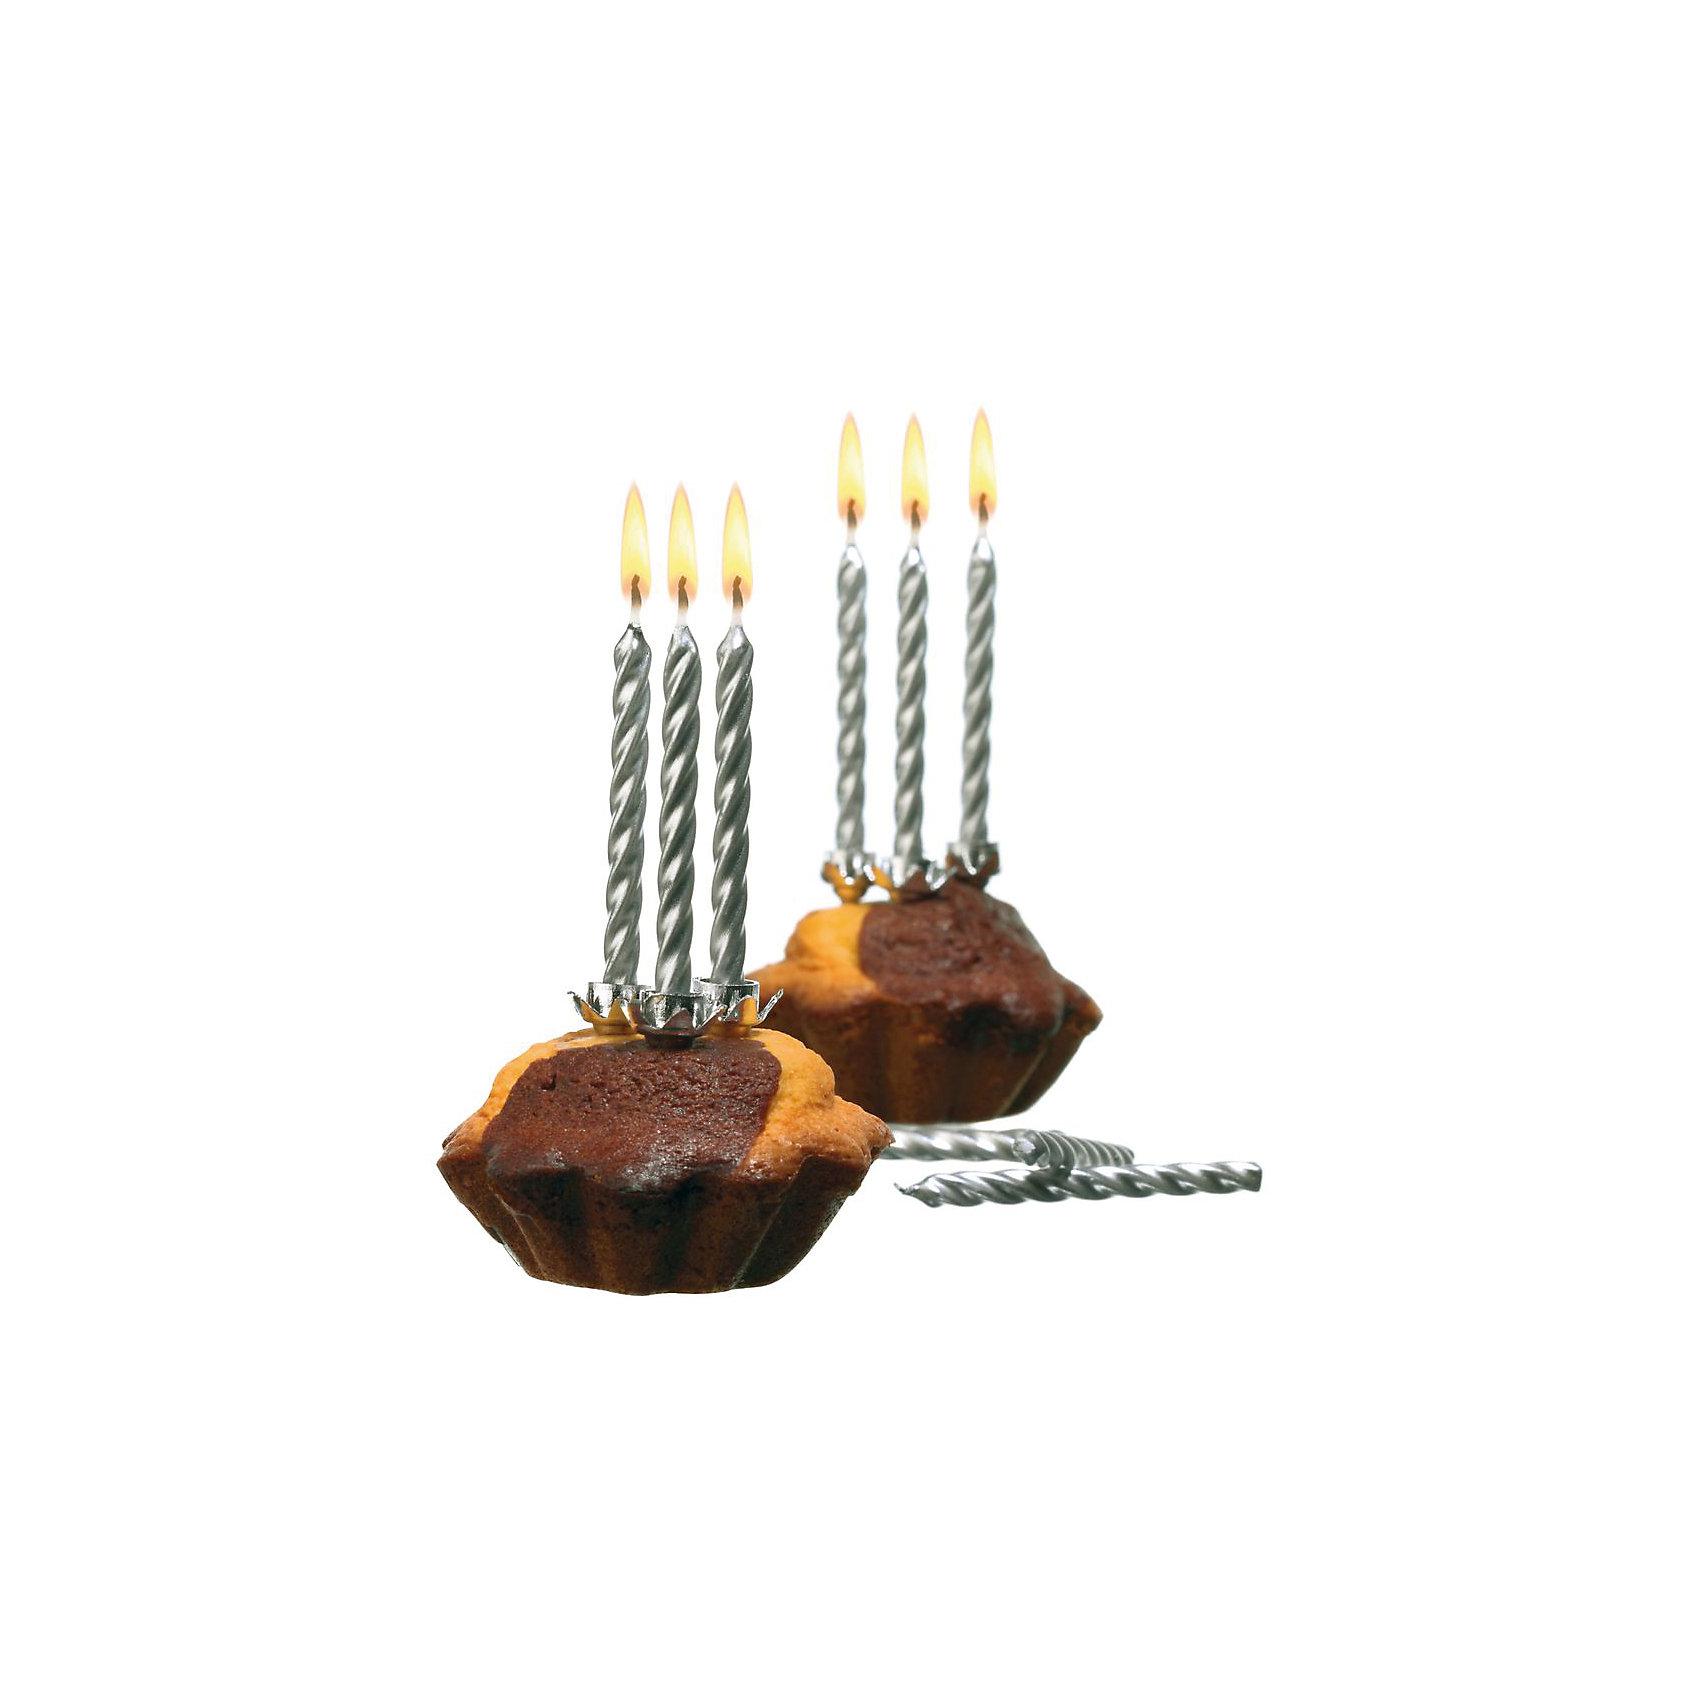 Свечи для торта, 10 шт, 10 подсвечн., серебро, парафинДетские свечи для торта<br>Характеристики товара:<br><br>• возраст: от 3 лет<br>• цвет: серебро<br>• размер упаковки: 17х2х20 см<br>• на подсвечниках<br>• комплектация: 10 шт<br>• вес: 50 г<br>• страна бренда: Германия<br>• страна изготовитель: Германия<br><br>Ну что за праздник без торта? А что за торт без свечек? Свечи Herlitz для торта создадут атмосферу праздника и подарят массу положительных эмоций.<br><br>Изделие произведено из безопасного для детей материала.<br><br>Свечи для торта, 10 шт, 10 подсвечн., серебро, парафин, от бренда Herlitz (Херлиц) можно купить в нашем интернет-магазине.<br><br>Ширина мм: 17<br>Глубина мм: 90<br>Высота мм: 200<br>Вес г: 43<br>Возраст от месяцев: 36<br>Возраст до месяцев: 2147483647<br>Пол: Унисекс<br>Возраст: Детский<br>SKU: 6886486